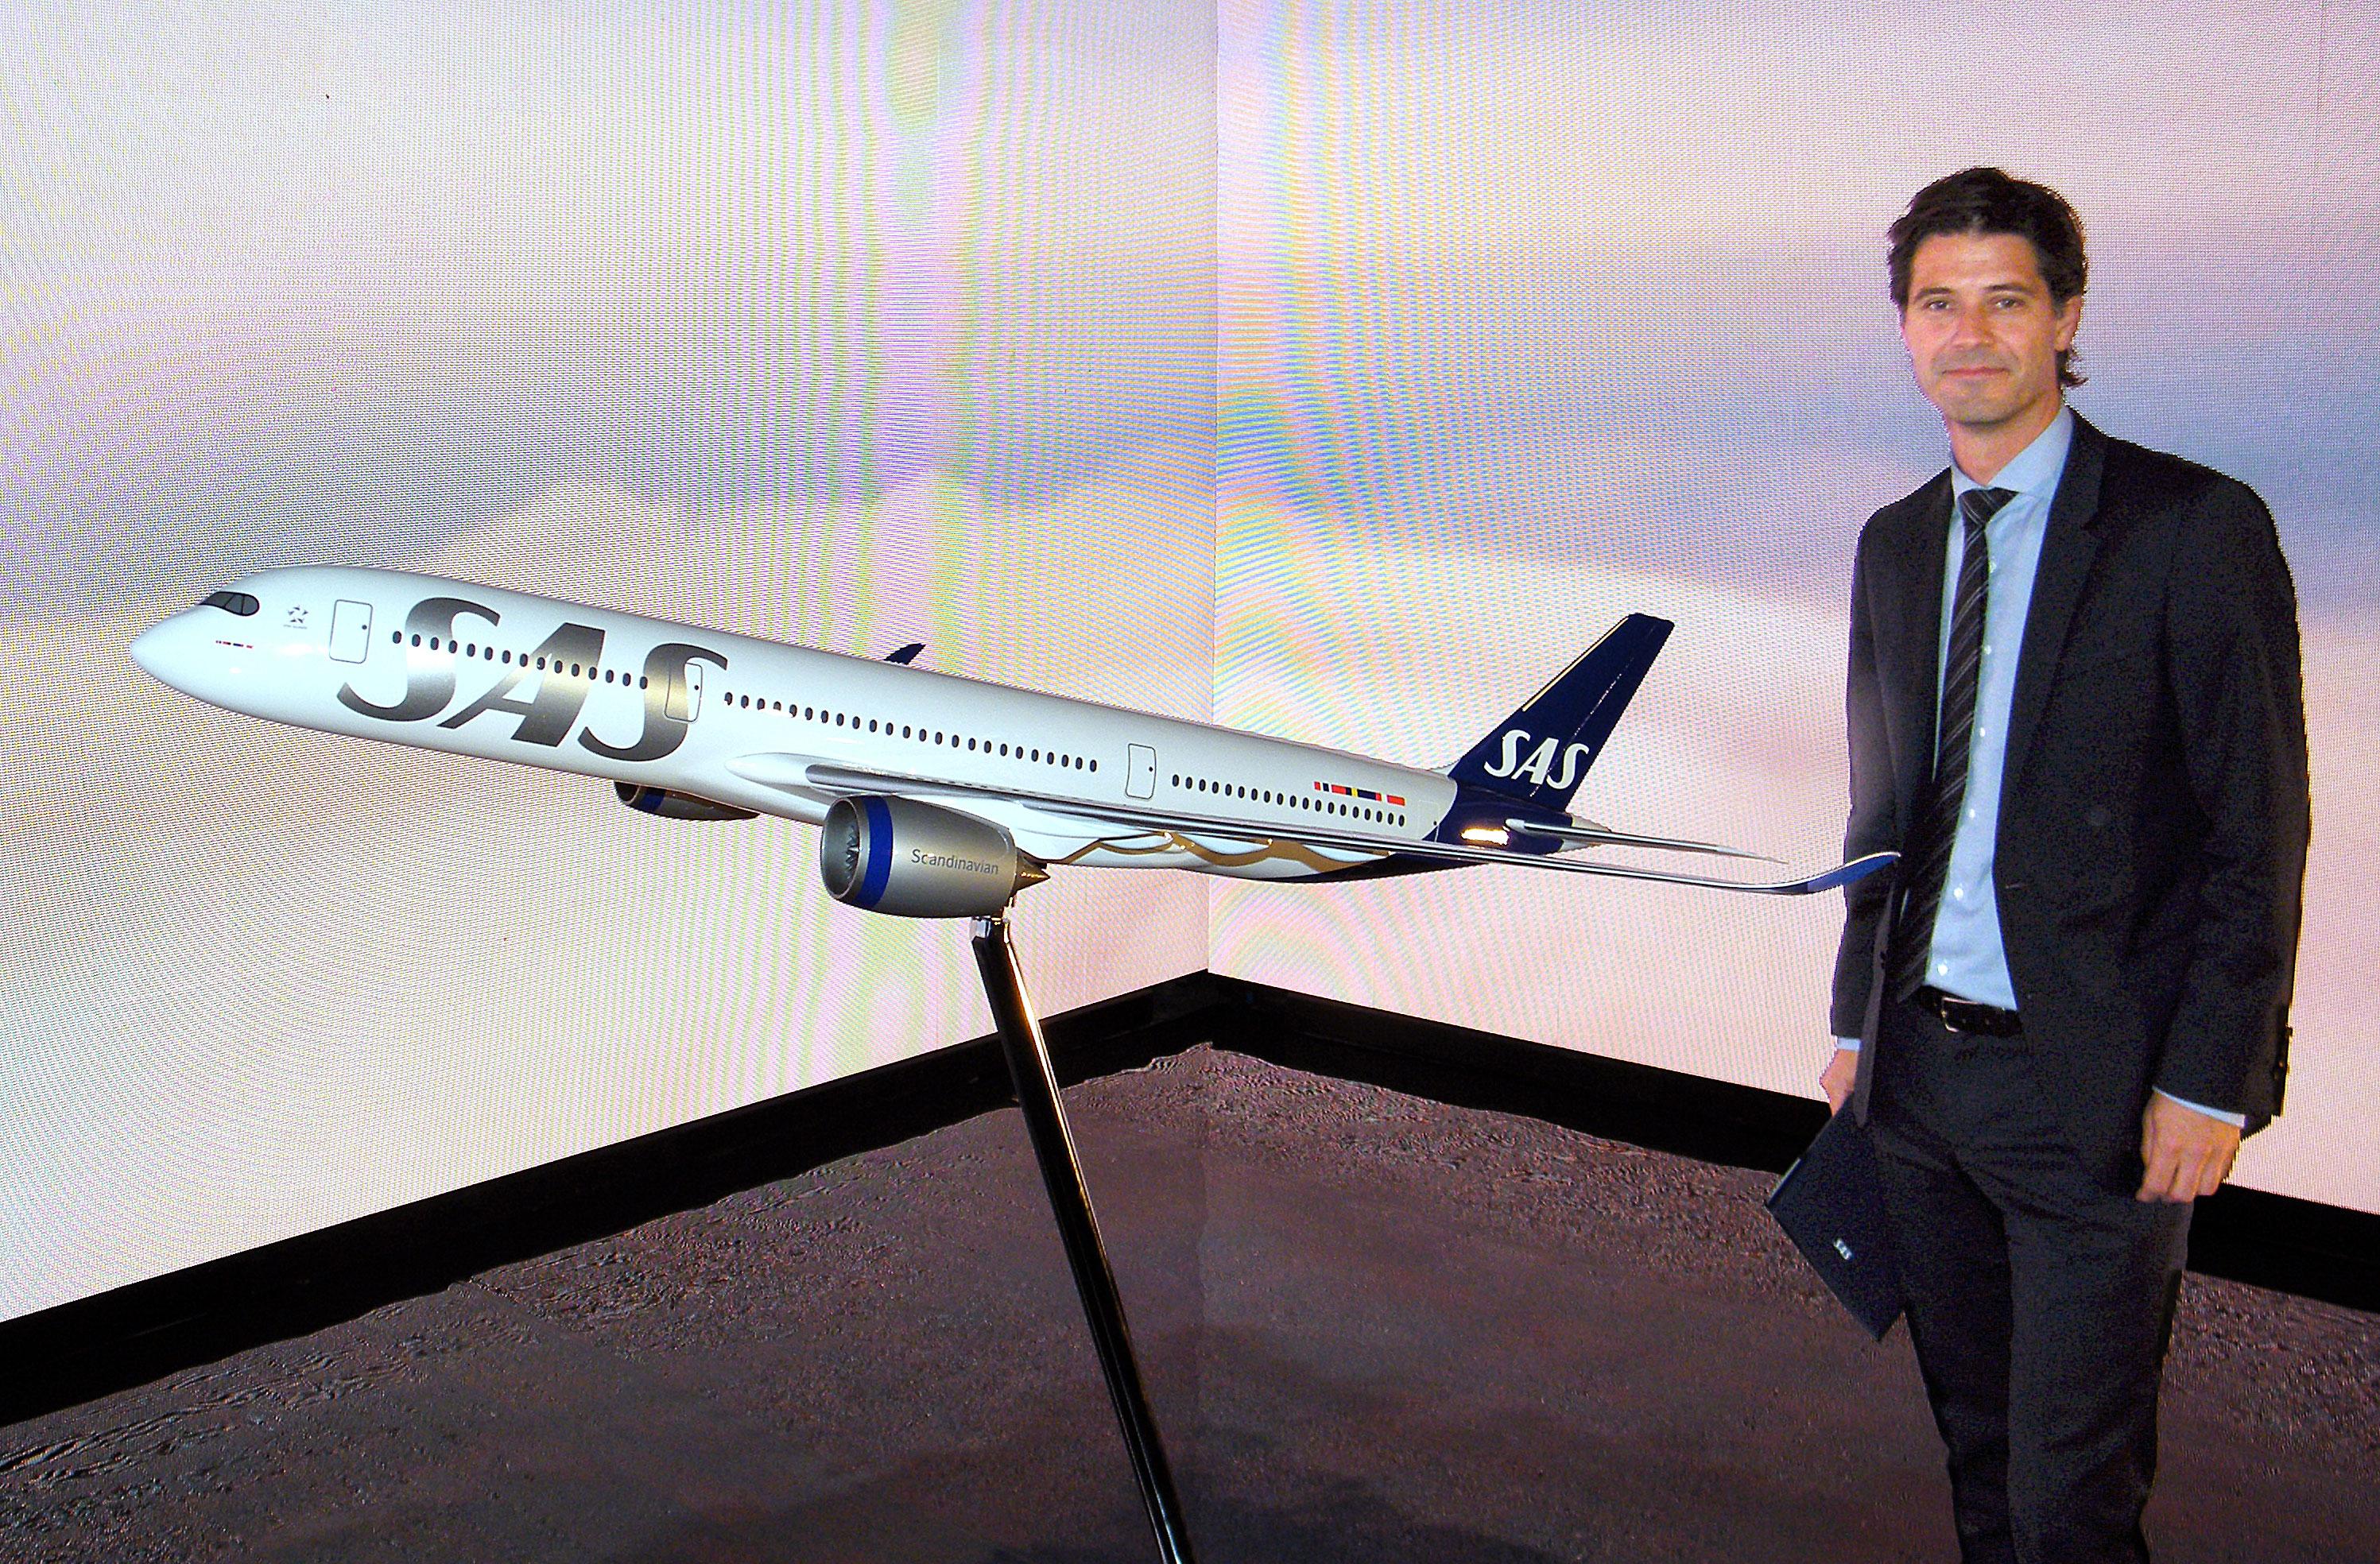 Simon Pauck Hansen, direktør for Network og kommende koncerndriftsdirektør i SAS ved præsentationen forleden i København af SAS' kommende nye flybemaling. Foto: Henrik Baumgarten.